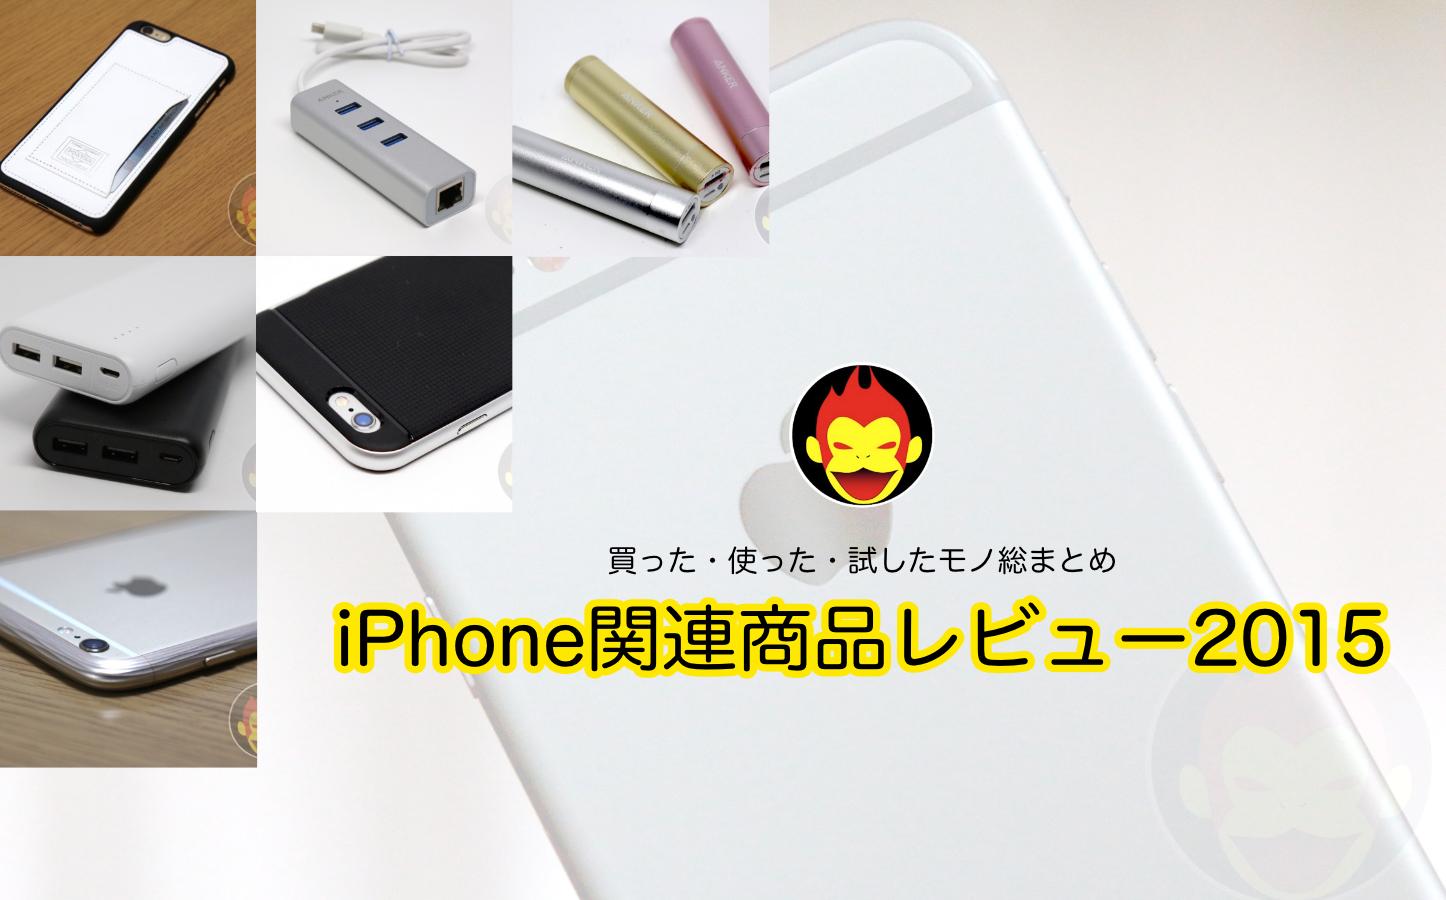 【iPhone関連商品レビュー2015】今年買った・使った・試したモノ総まとめ